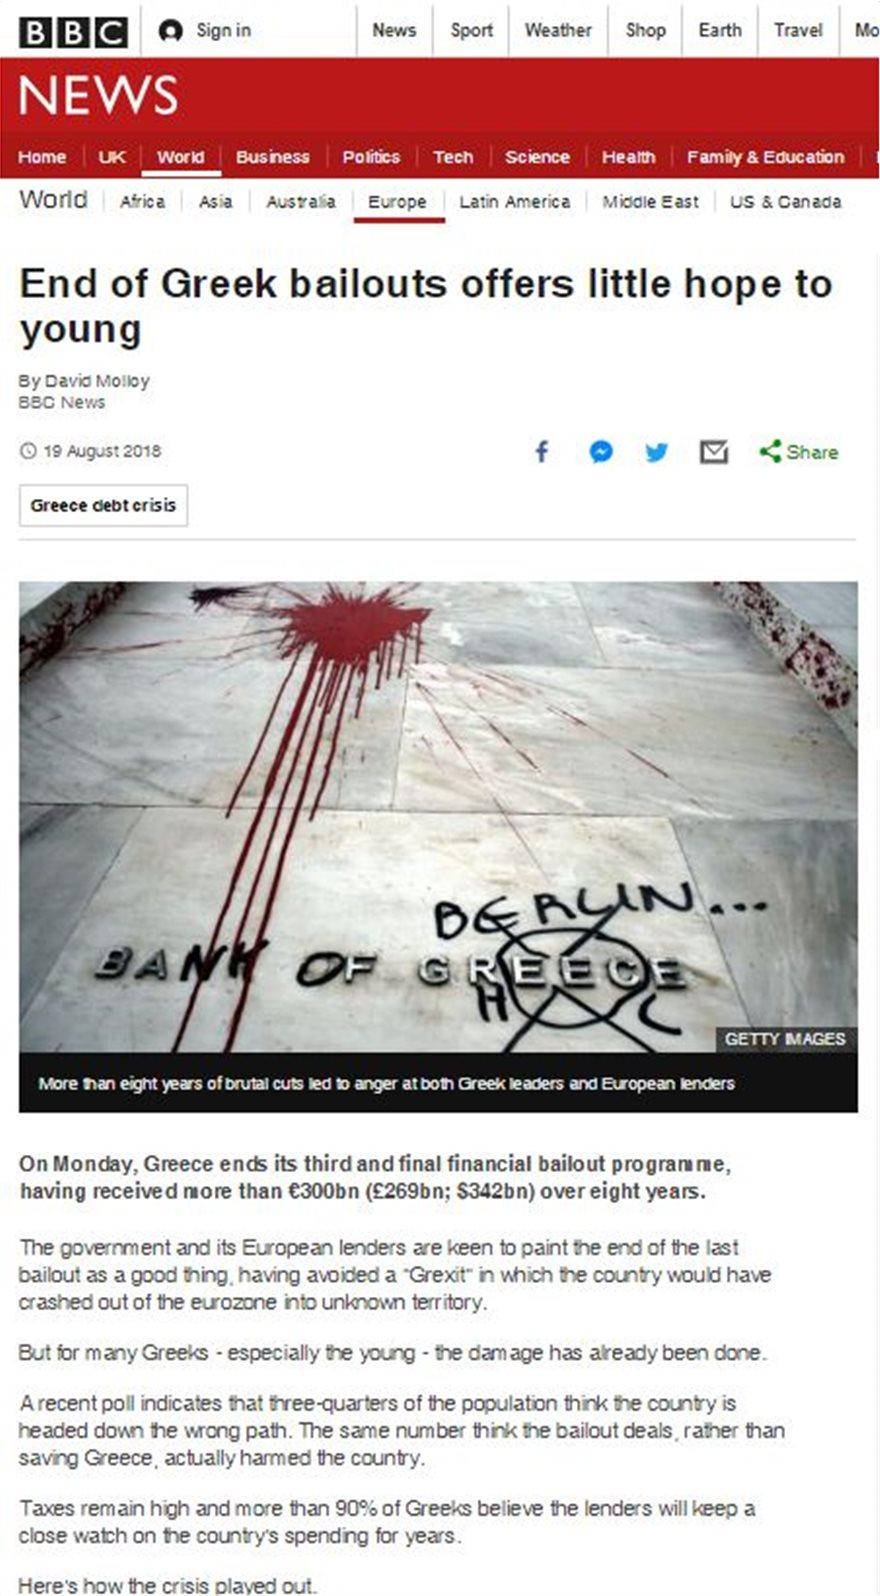 bbc-new-ec